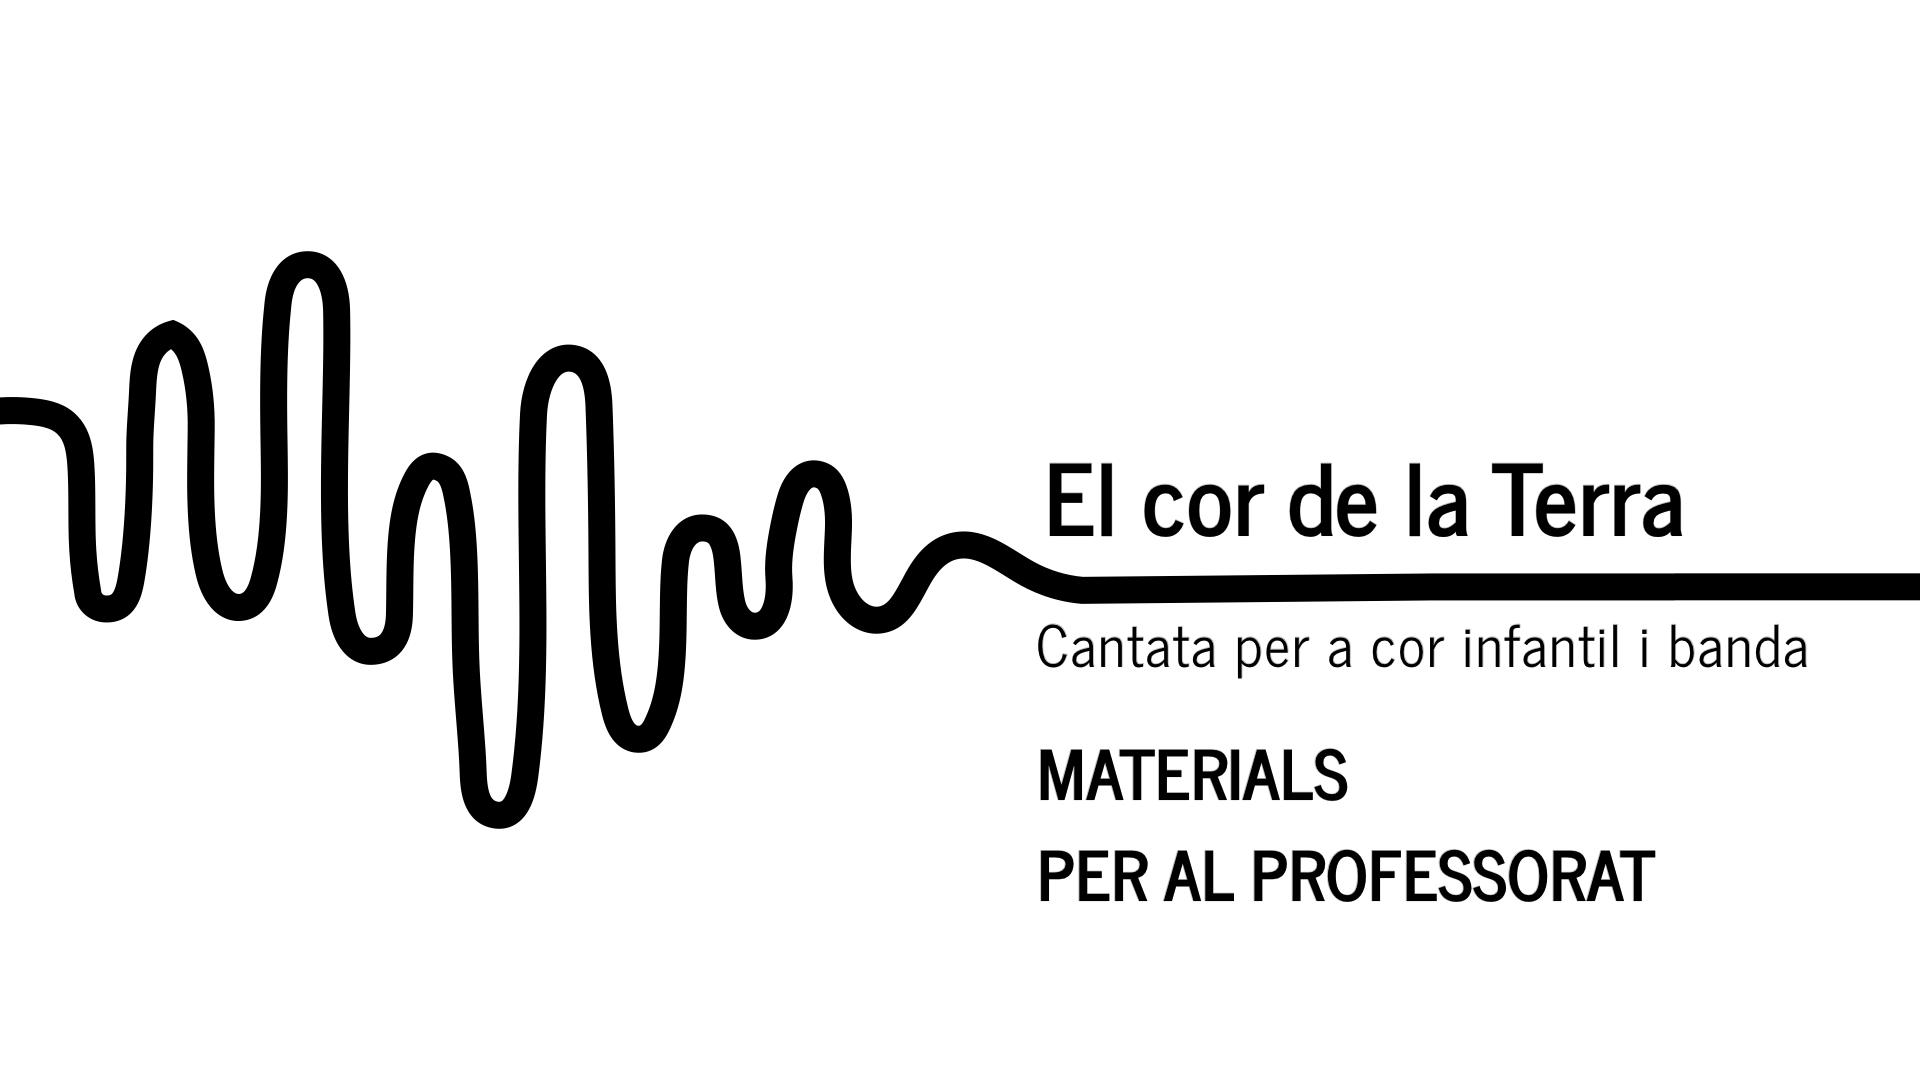 MATERIALS EC2020.001